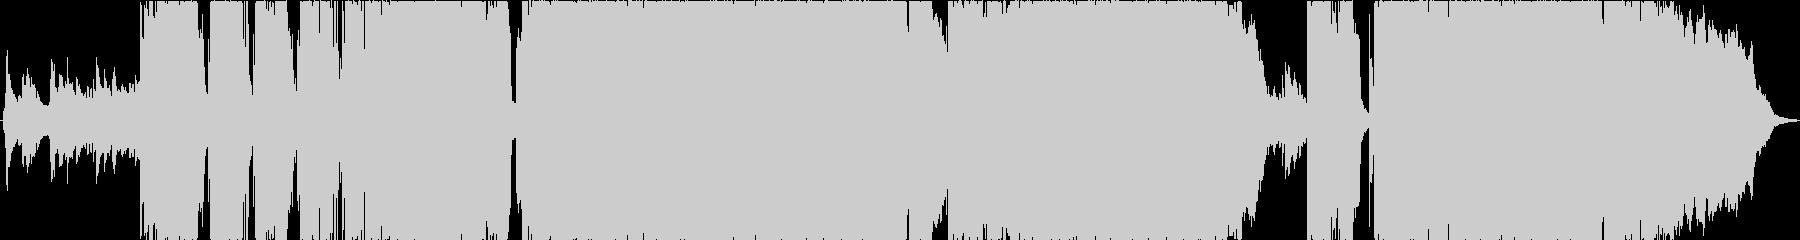 ヘヴィでエモい壮大なラウドロックの未再生の波形